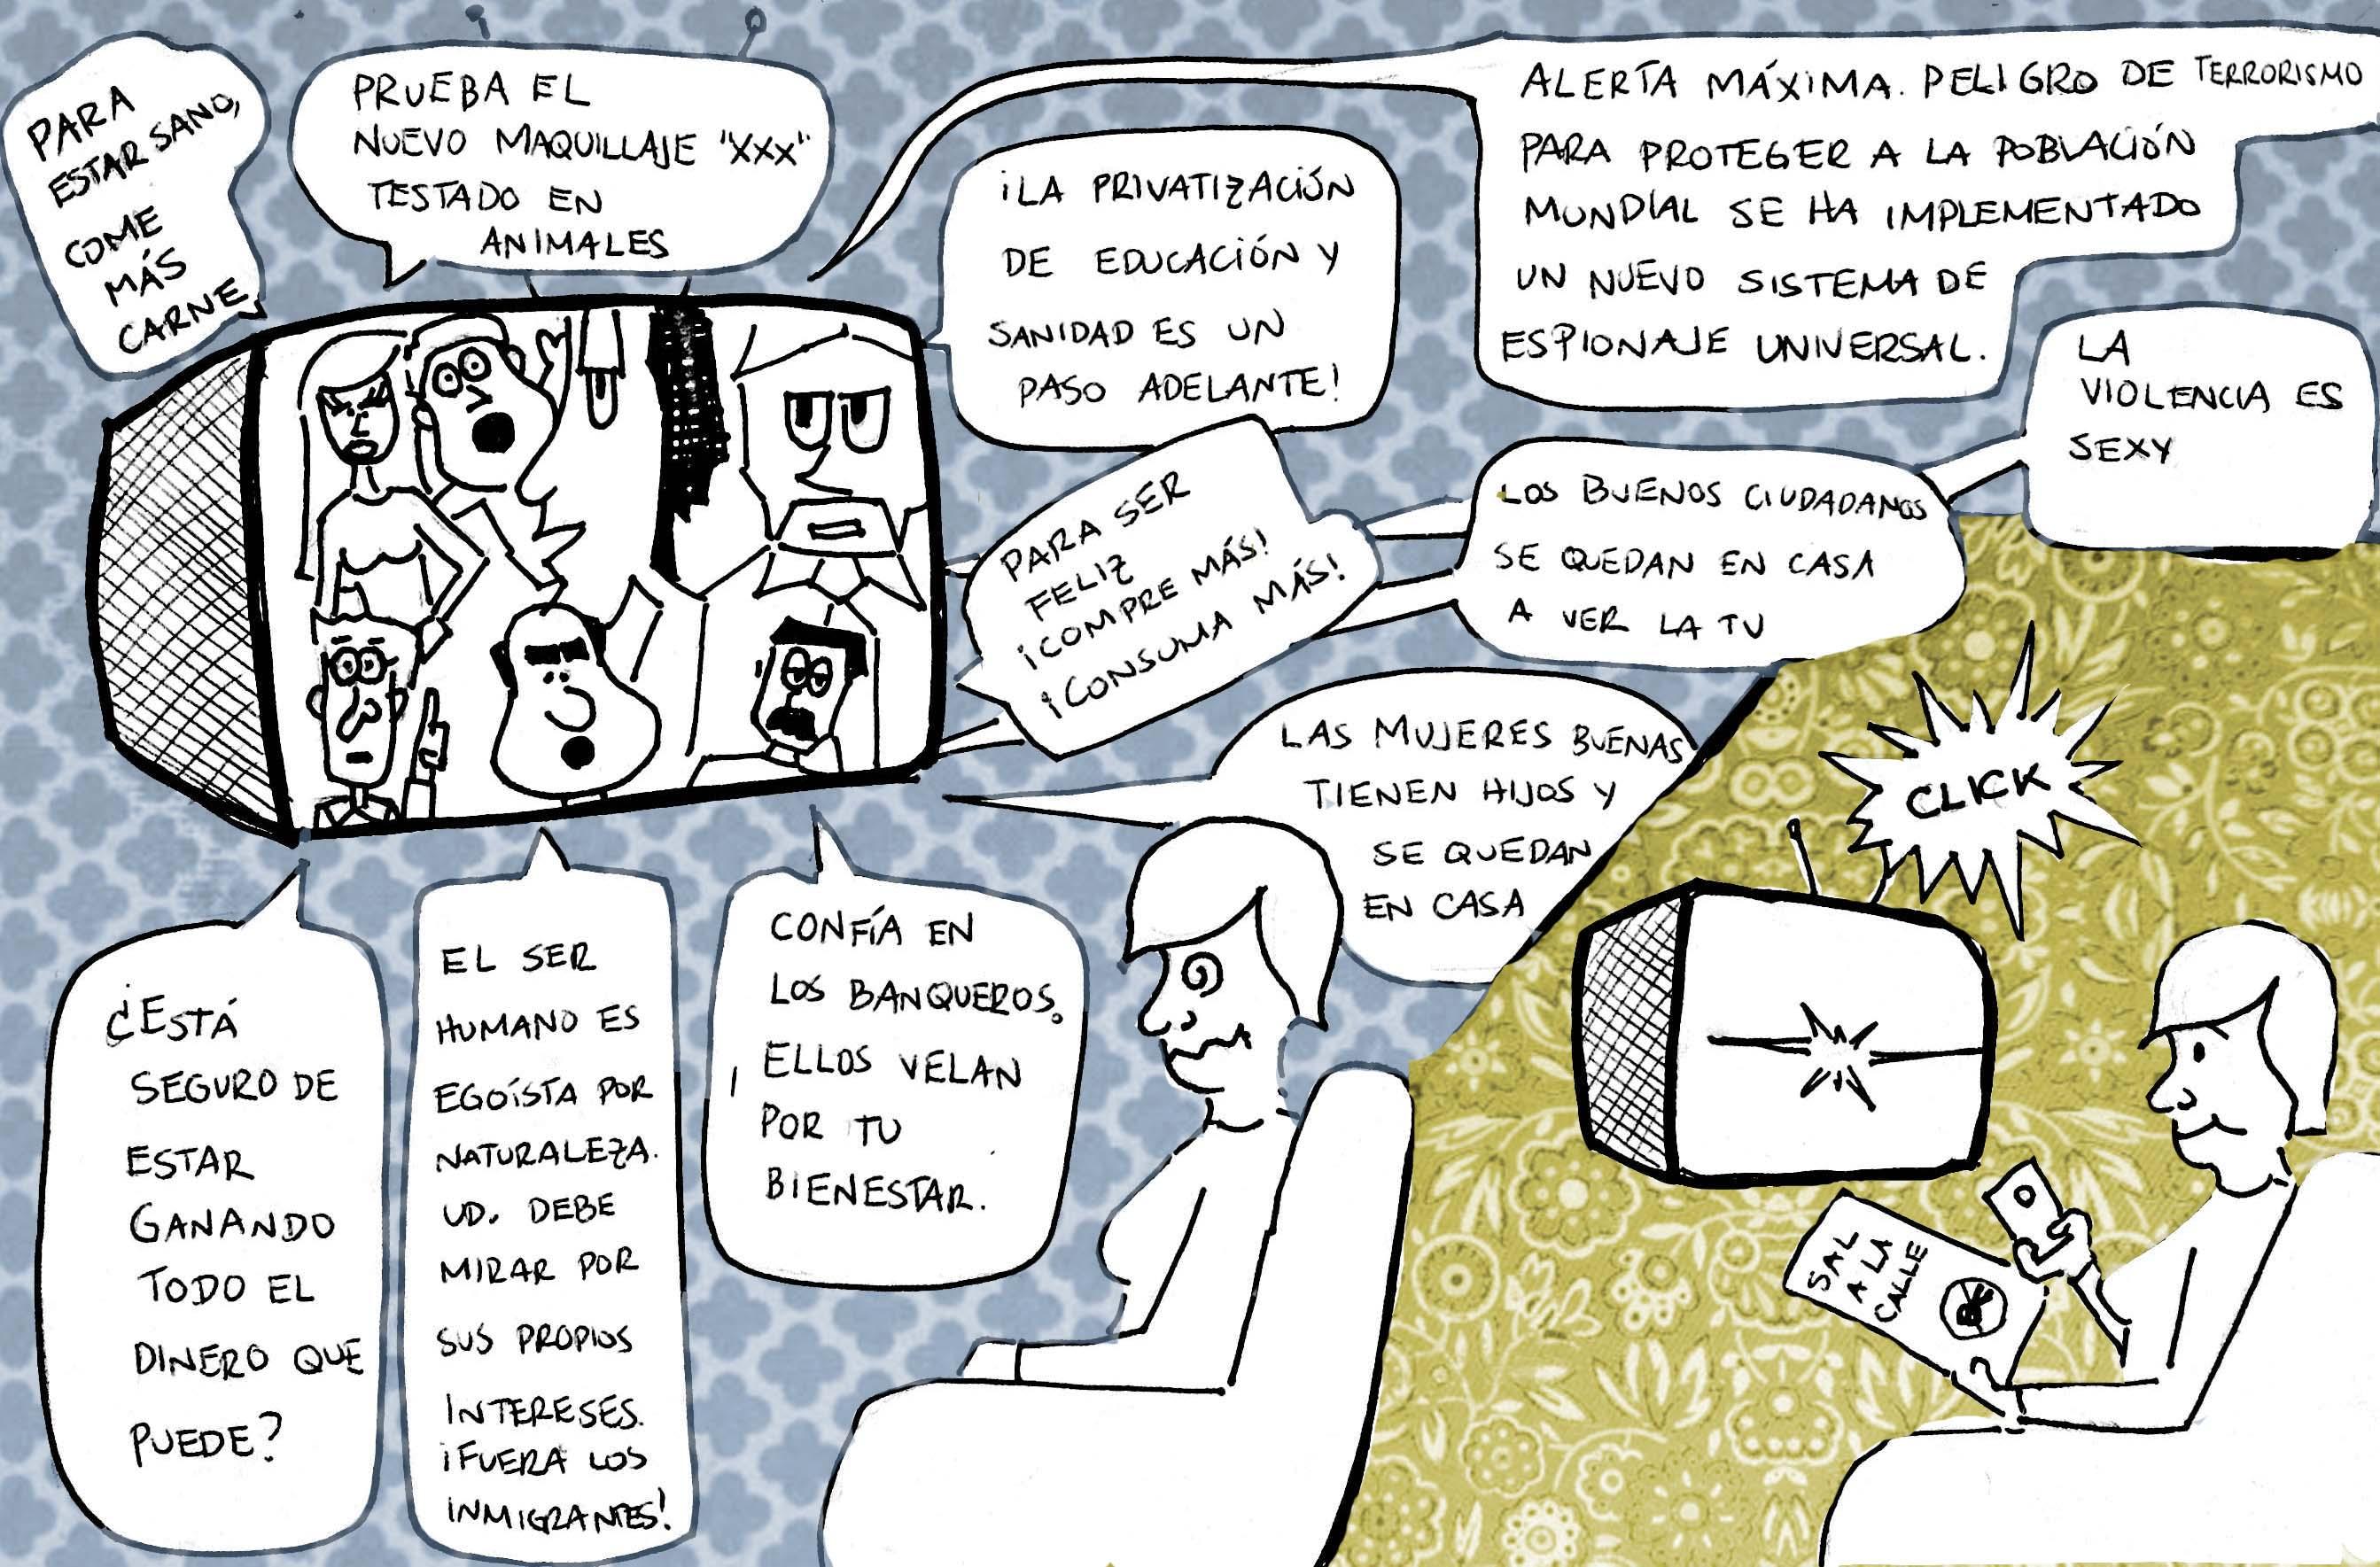 2013-07-26-Desobedienciaetica.jpg